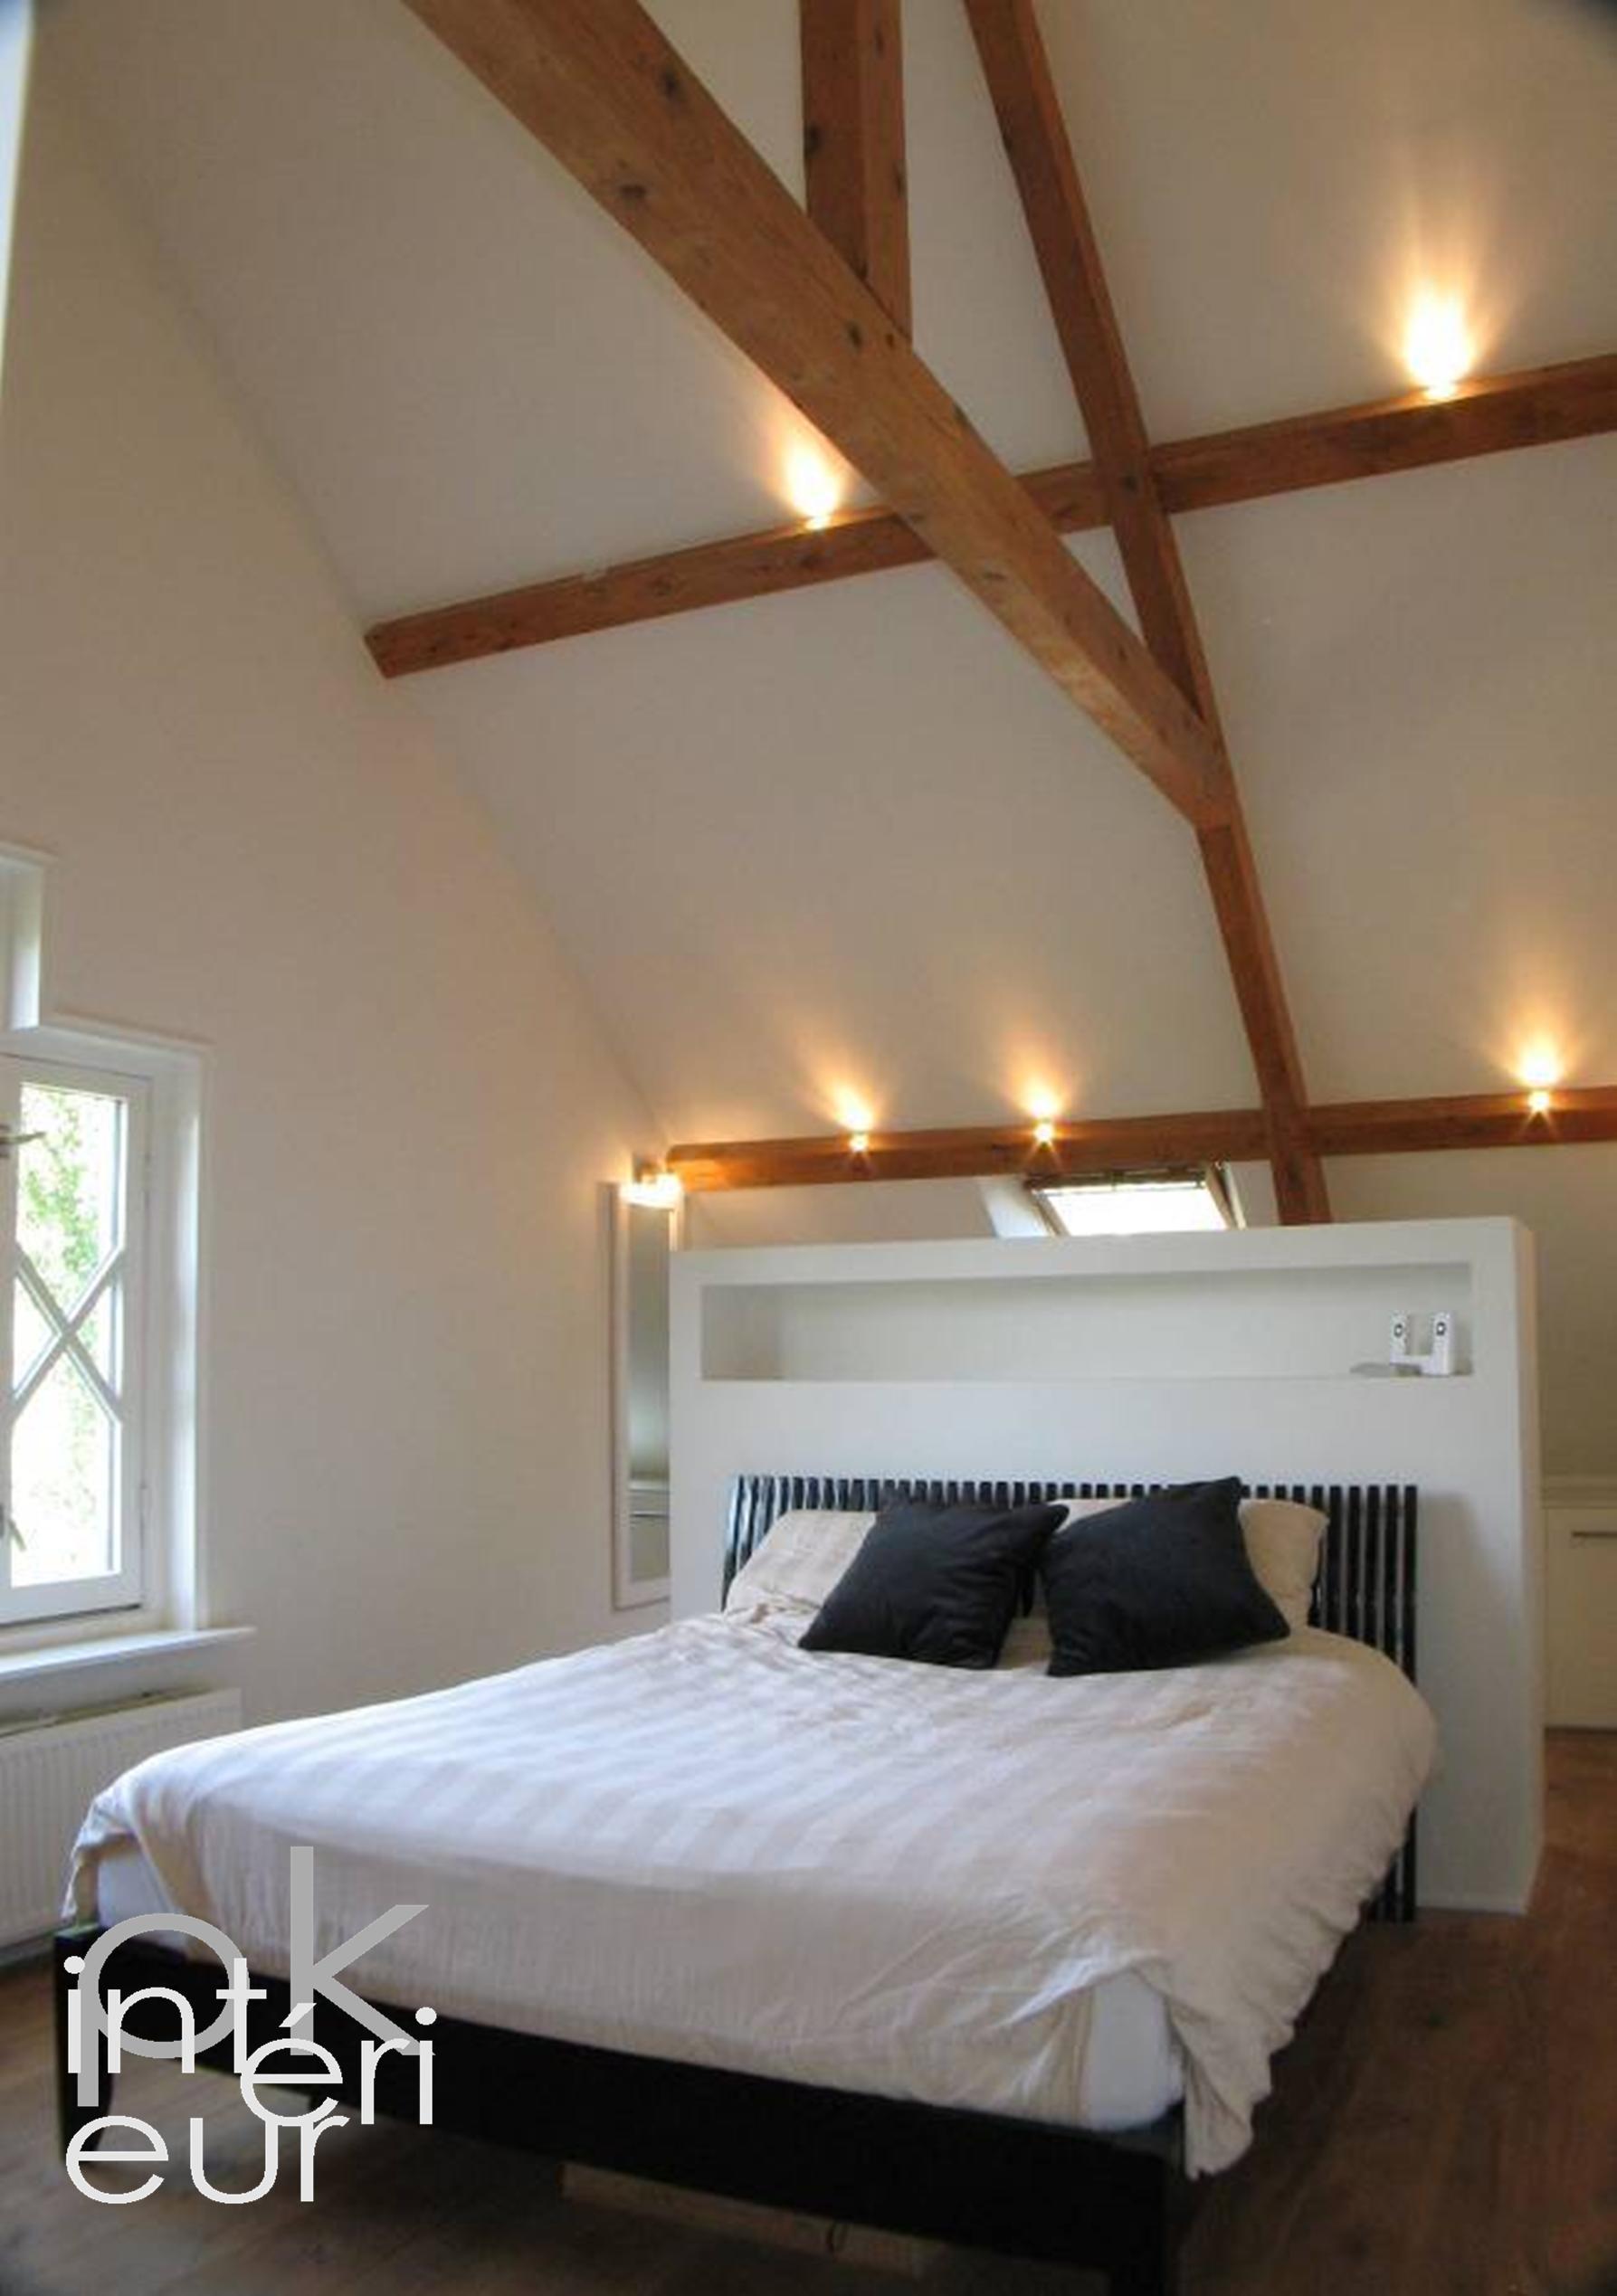 Pk interieur design ontwerp inrichting en advies voor uw slaapkamer en badkamer in utrecht - Deco design slaapkamer ...